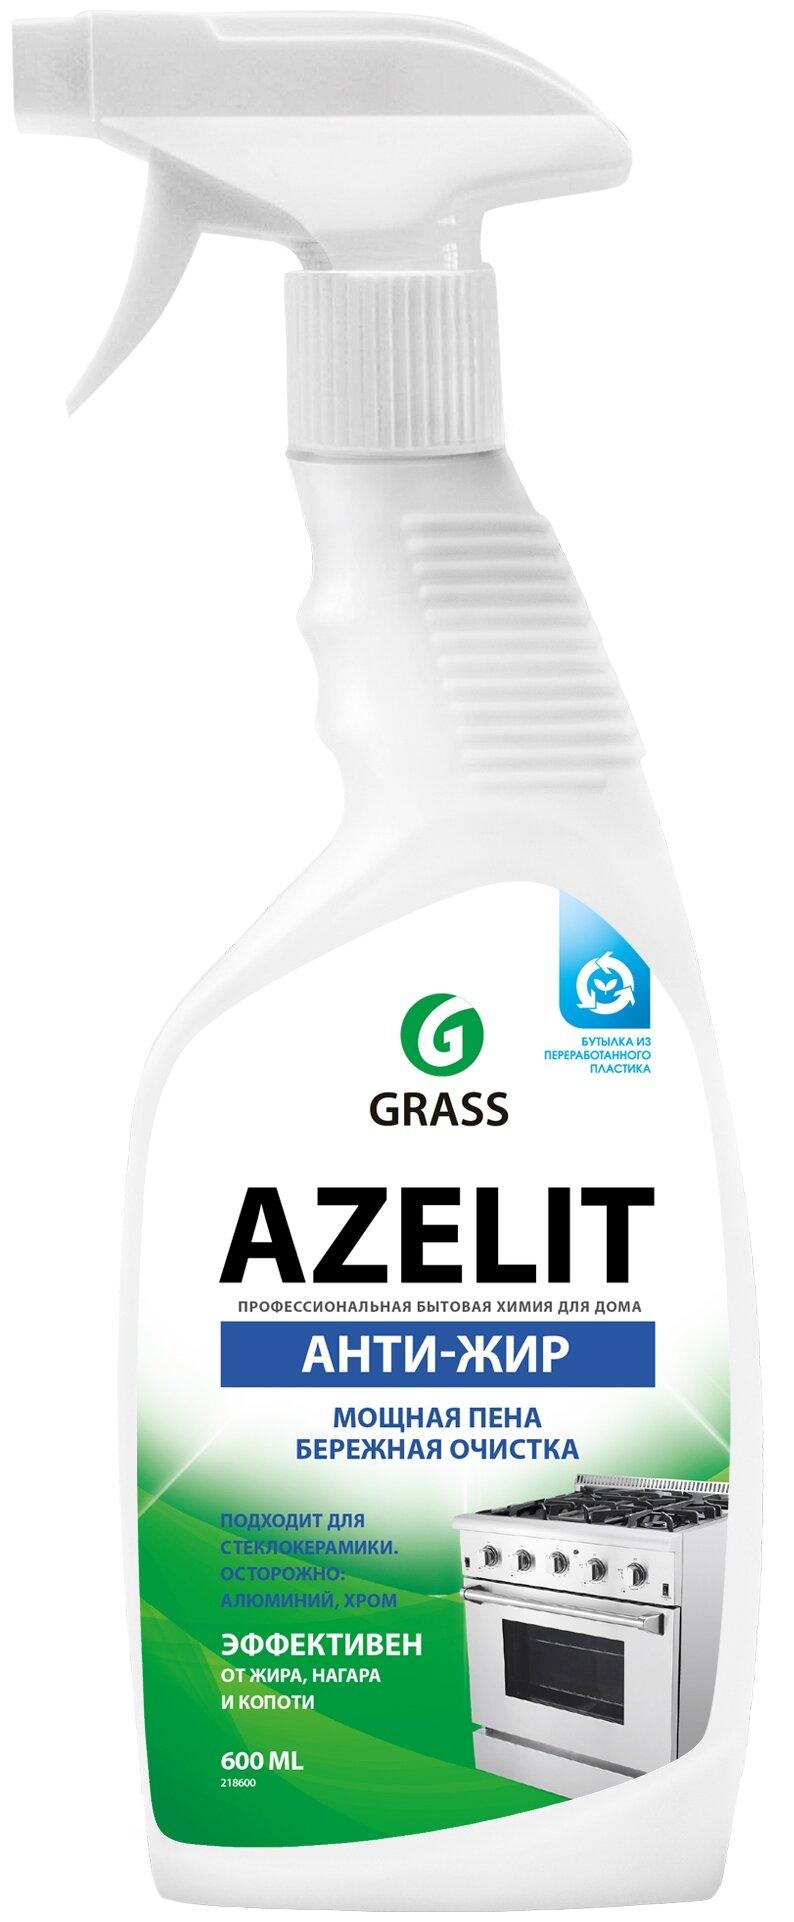 Чистящее средство для кухни Azelit Анти-жир Grass - особенности: концентрат, универсальное